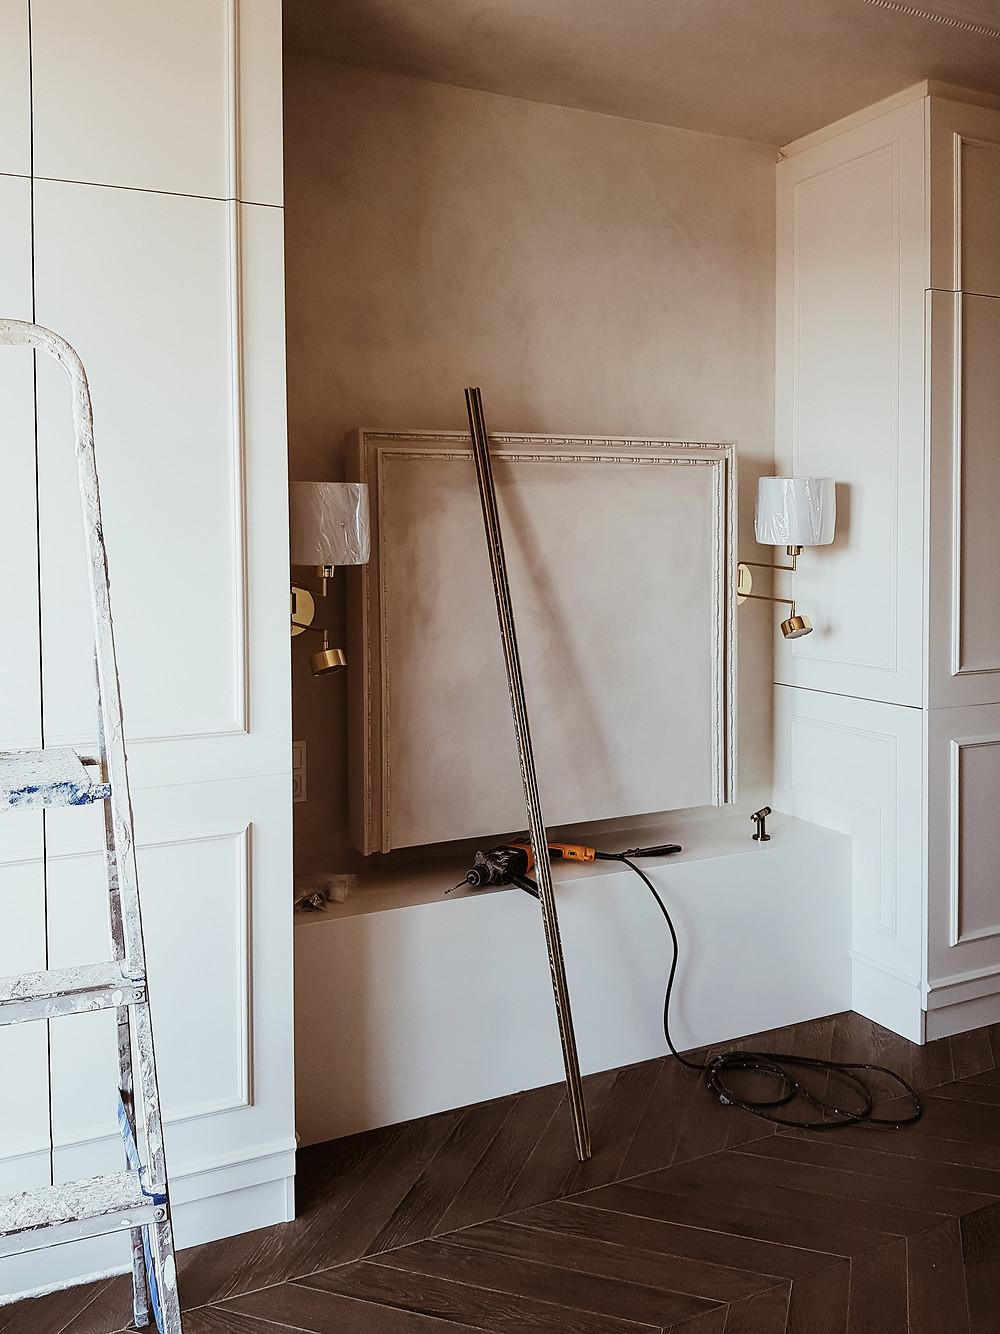 Miejsce na zagłówek w sypialni otoczone sztukaterią